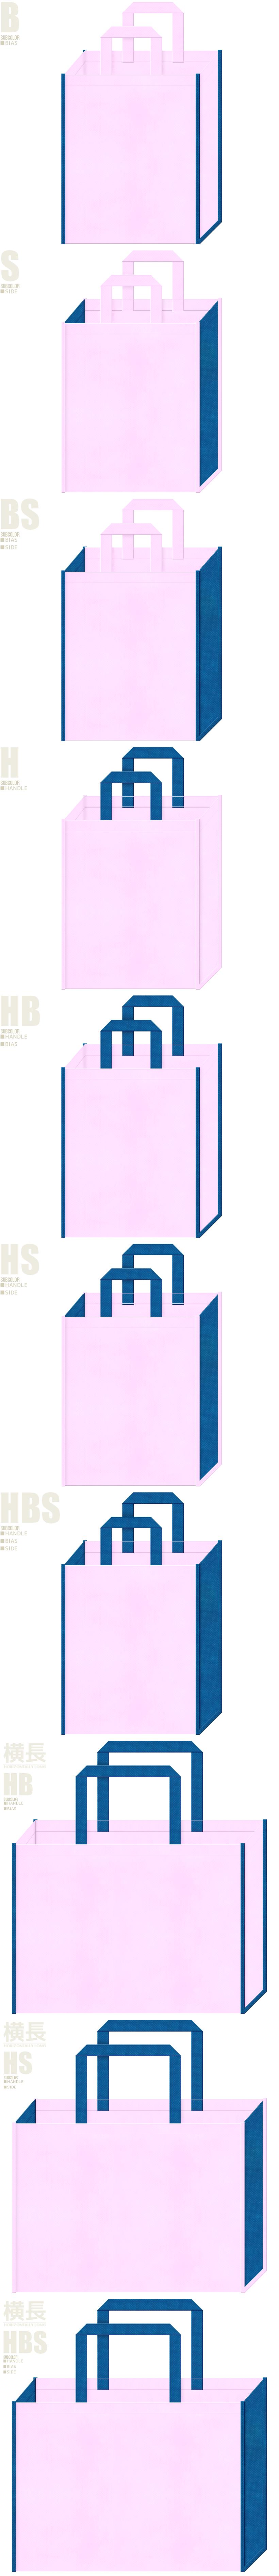 明るめのピンク色と青色、7パターンの不織布トートバッグ配色デザイン例。